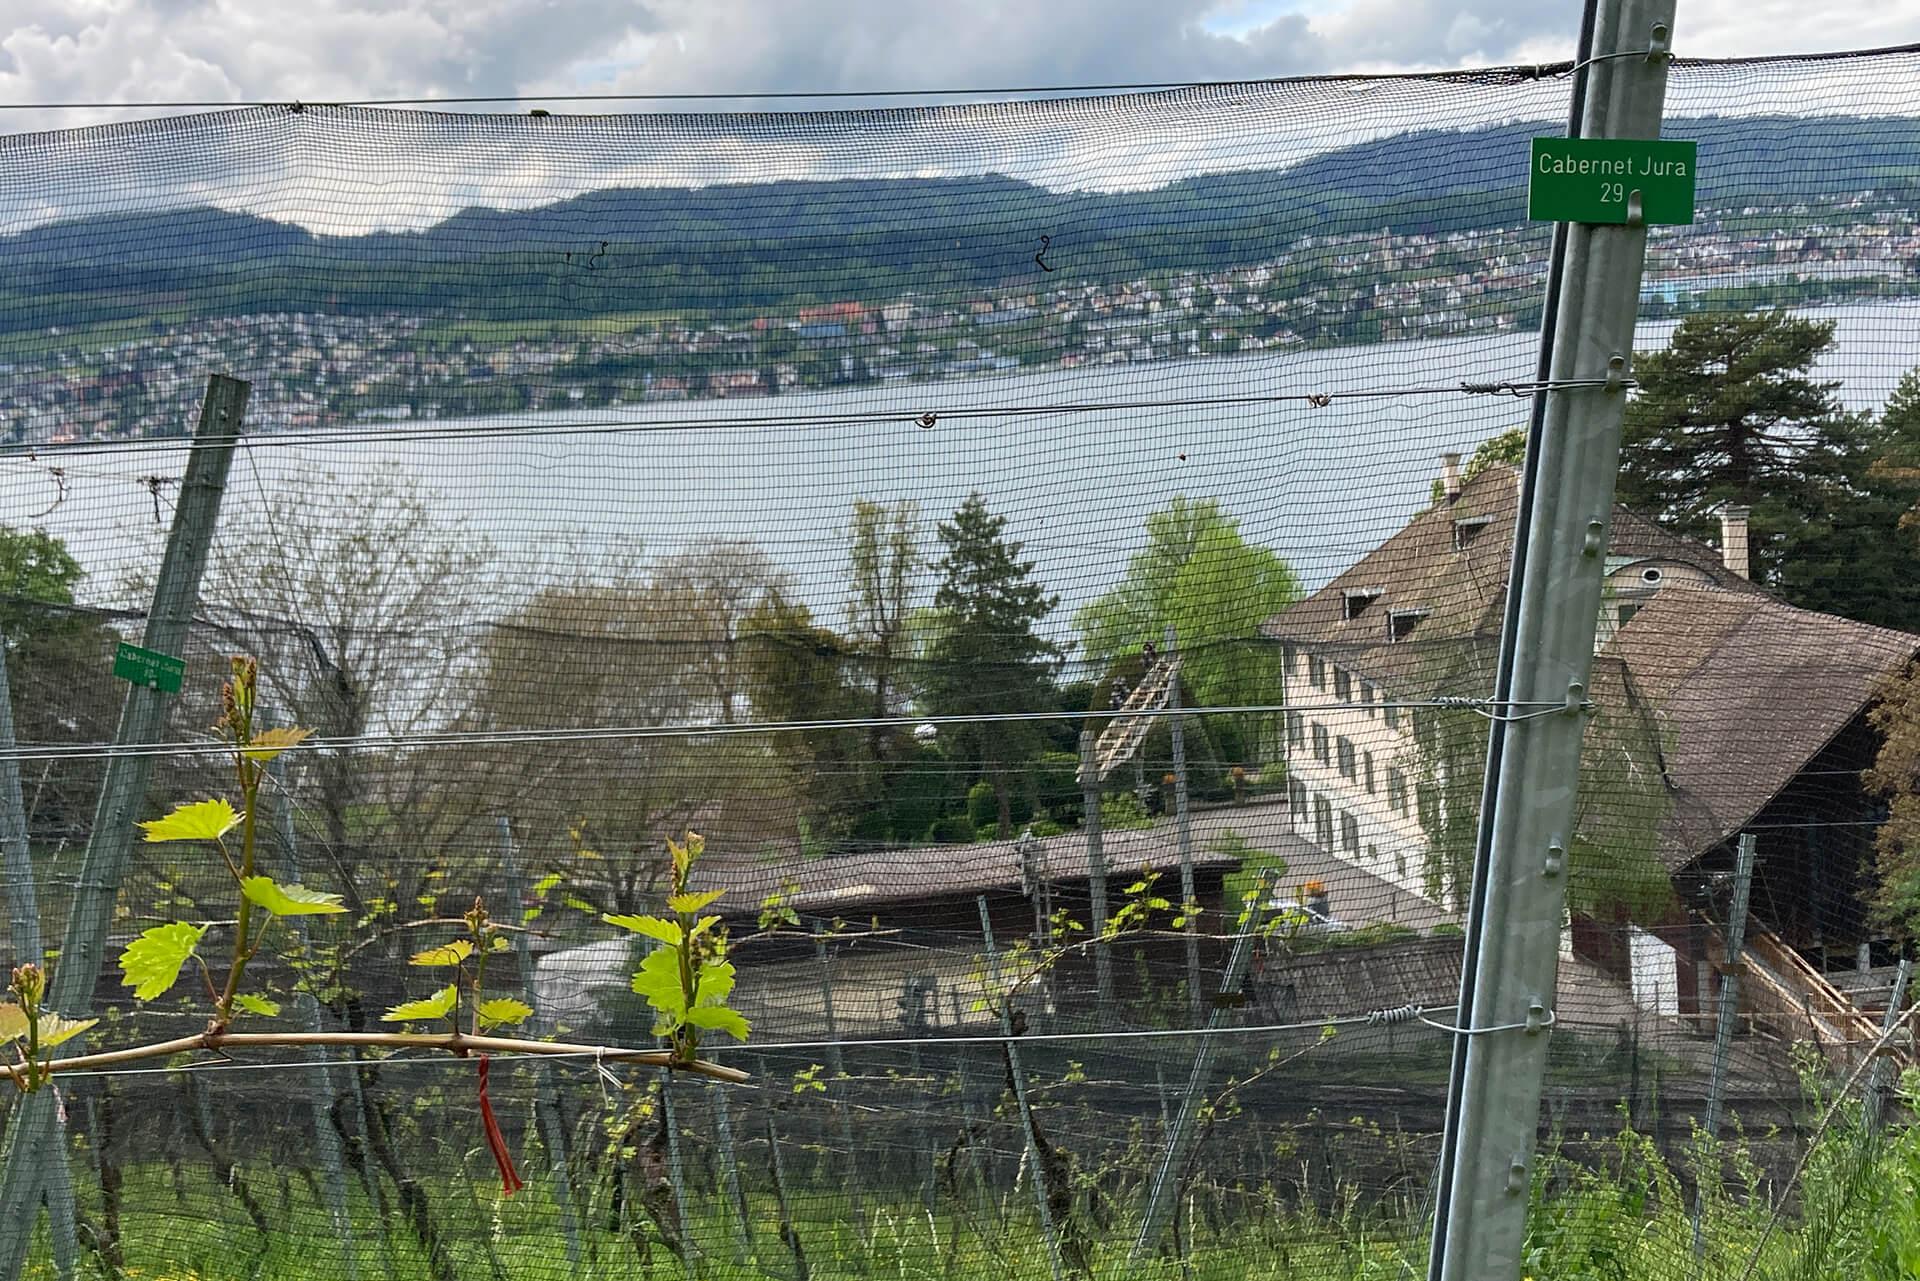 Piwi-Rebsorte Cabernet Jura wächst im Rebberg der Martin Stiftung.